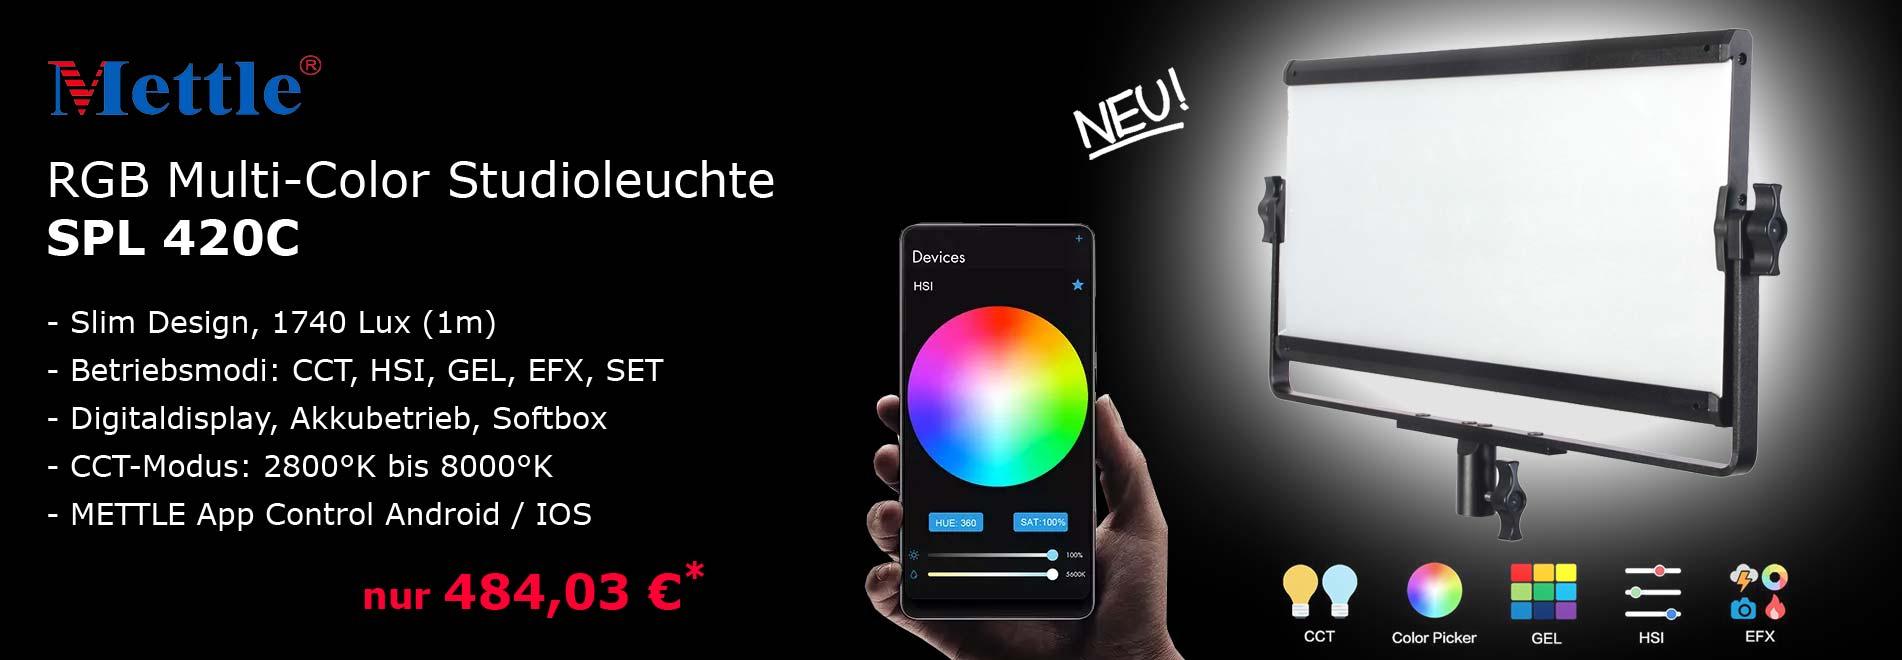 NANLITE RGB STudioleuchte SPL 420